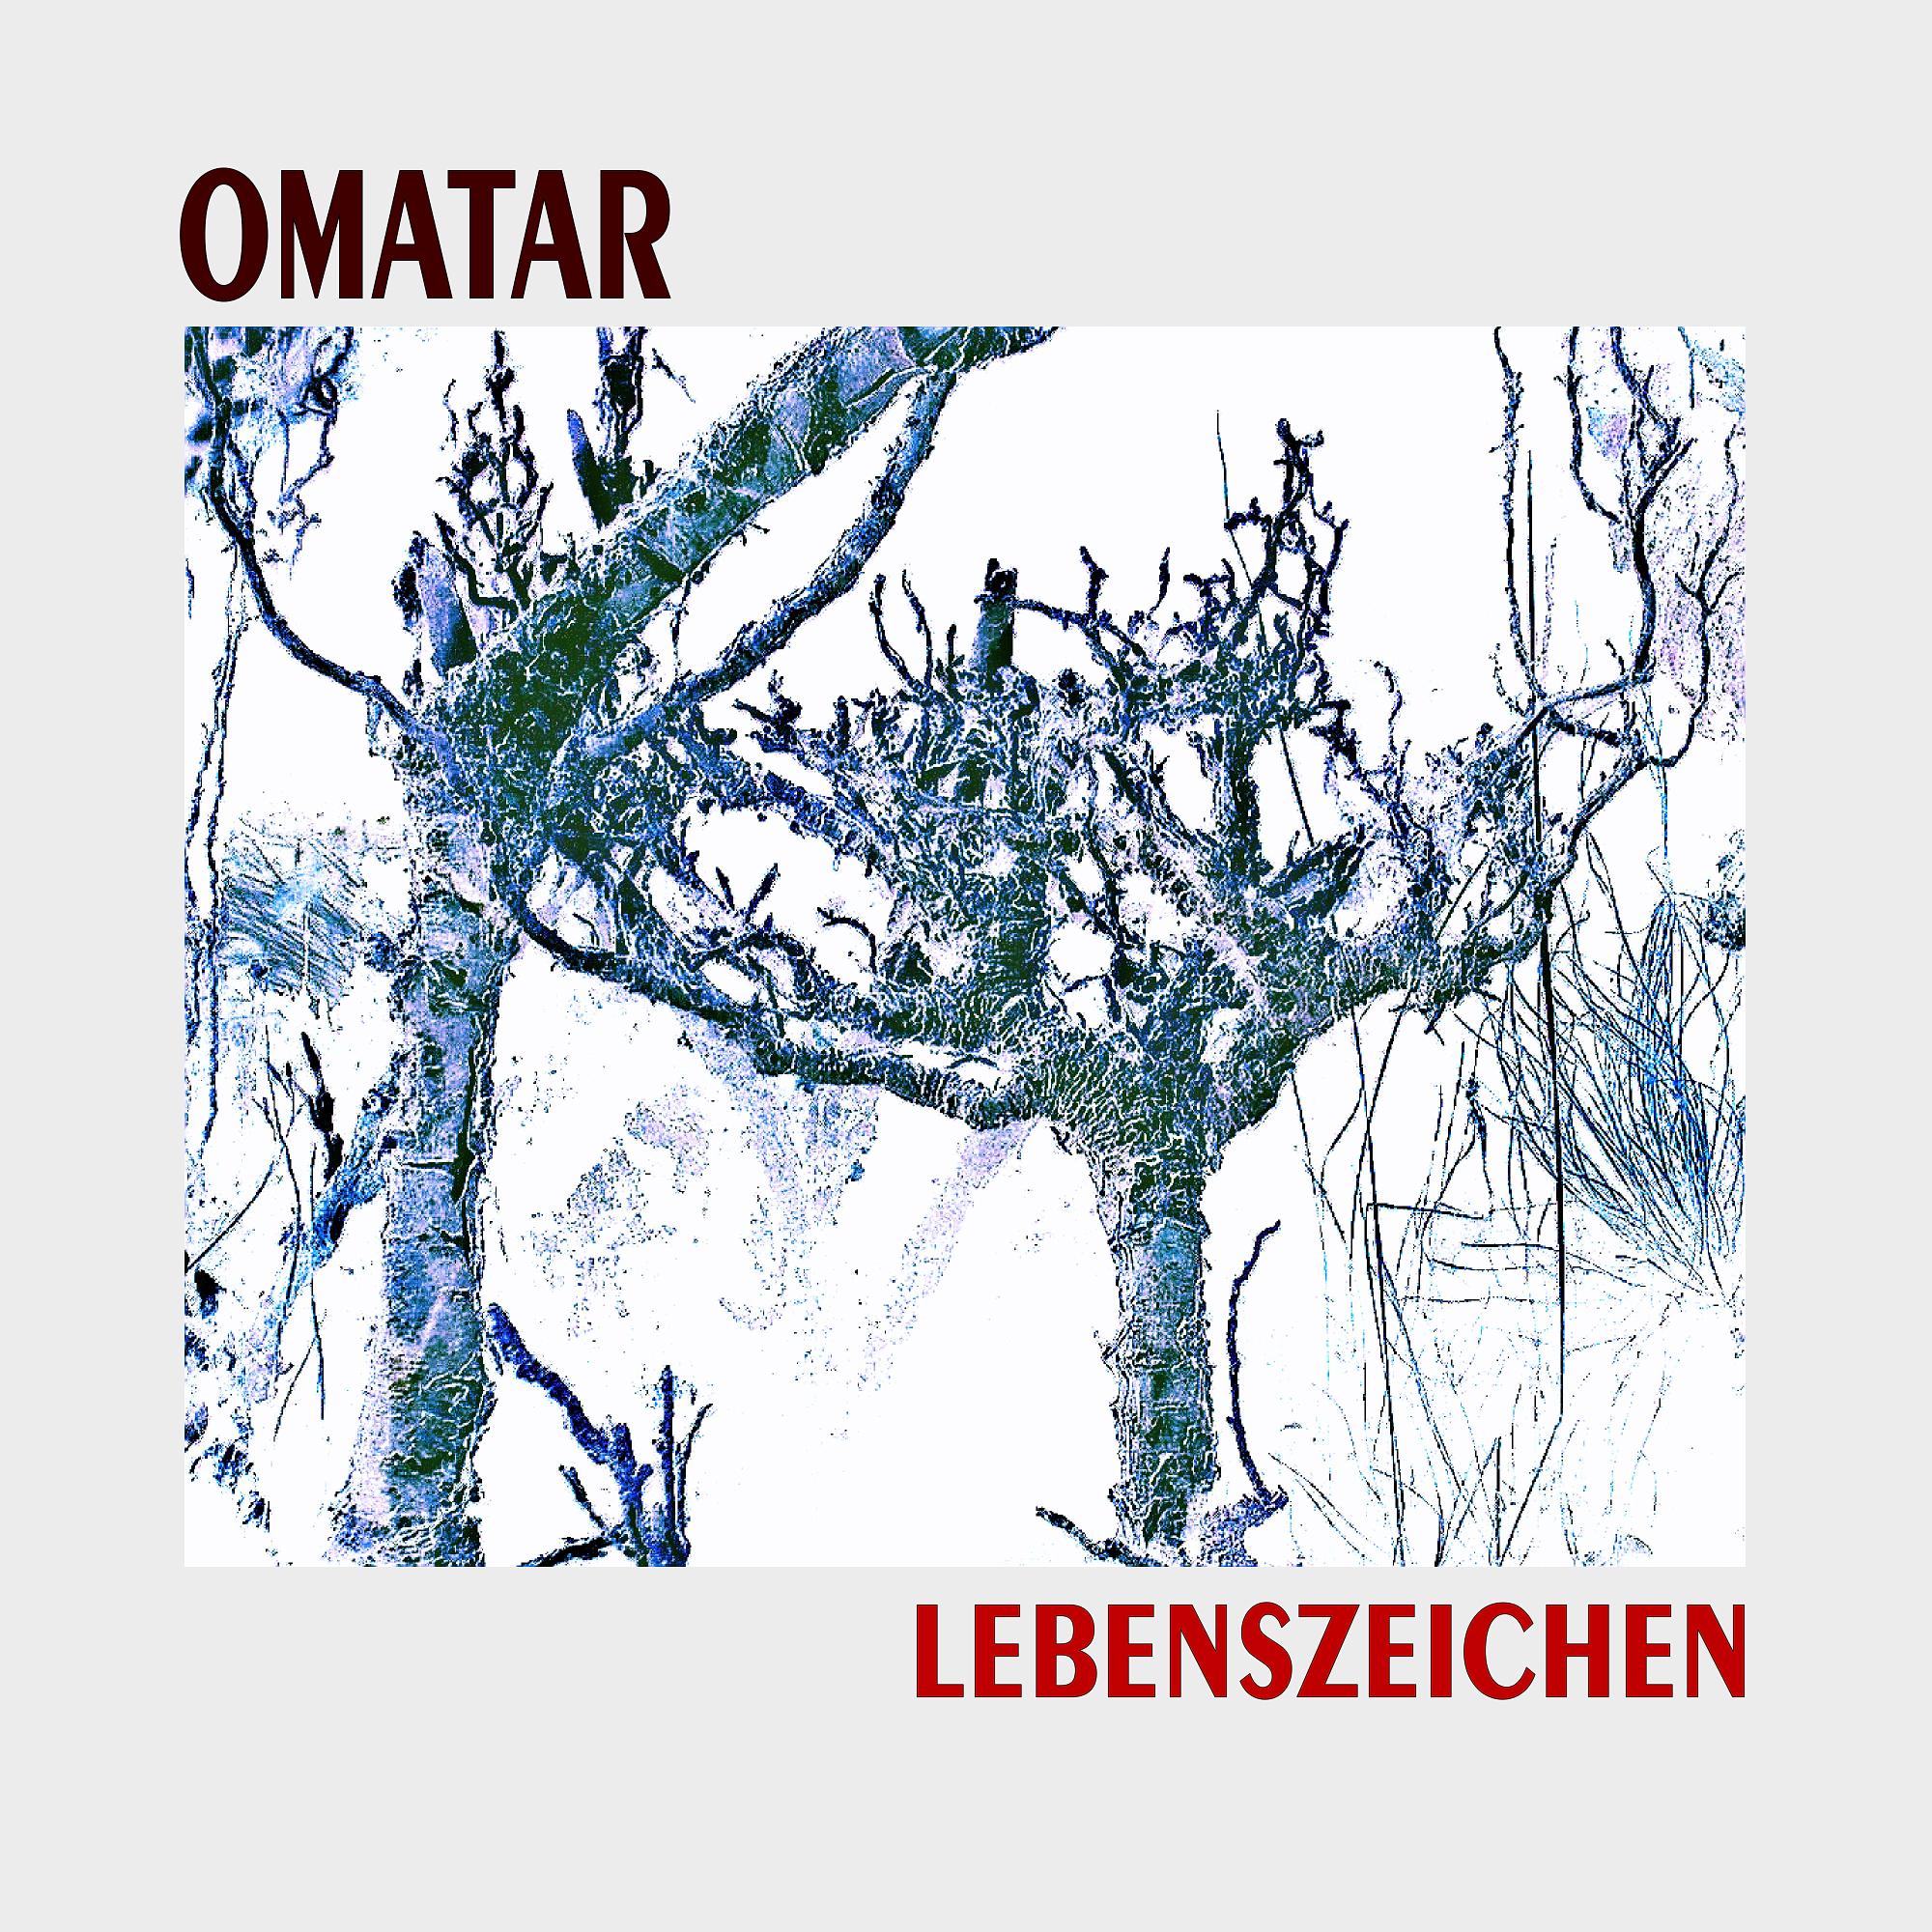 Omatar-Lebenszeichen